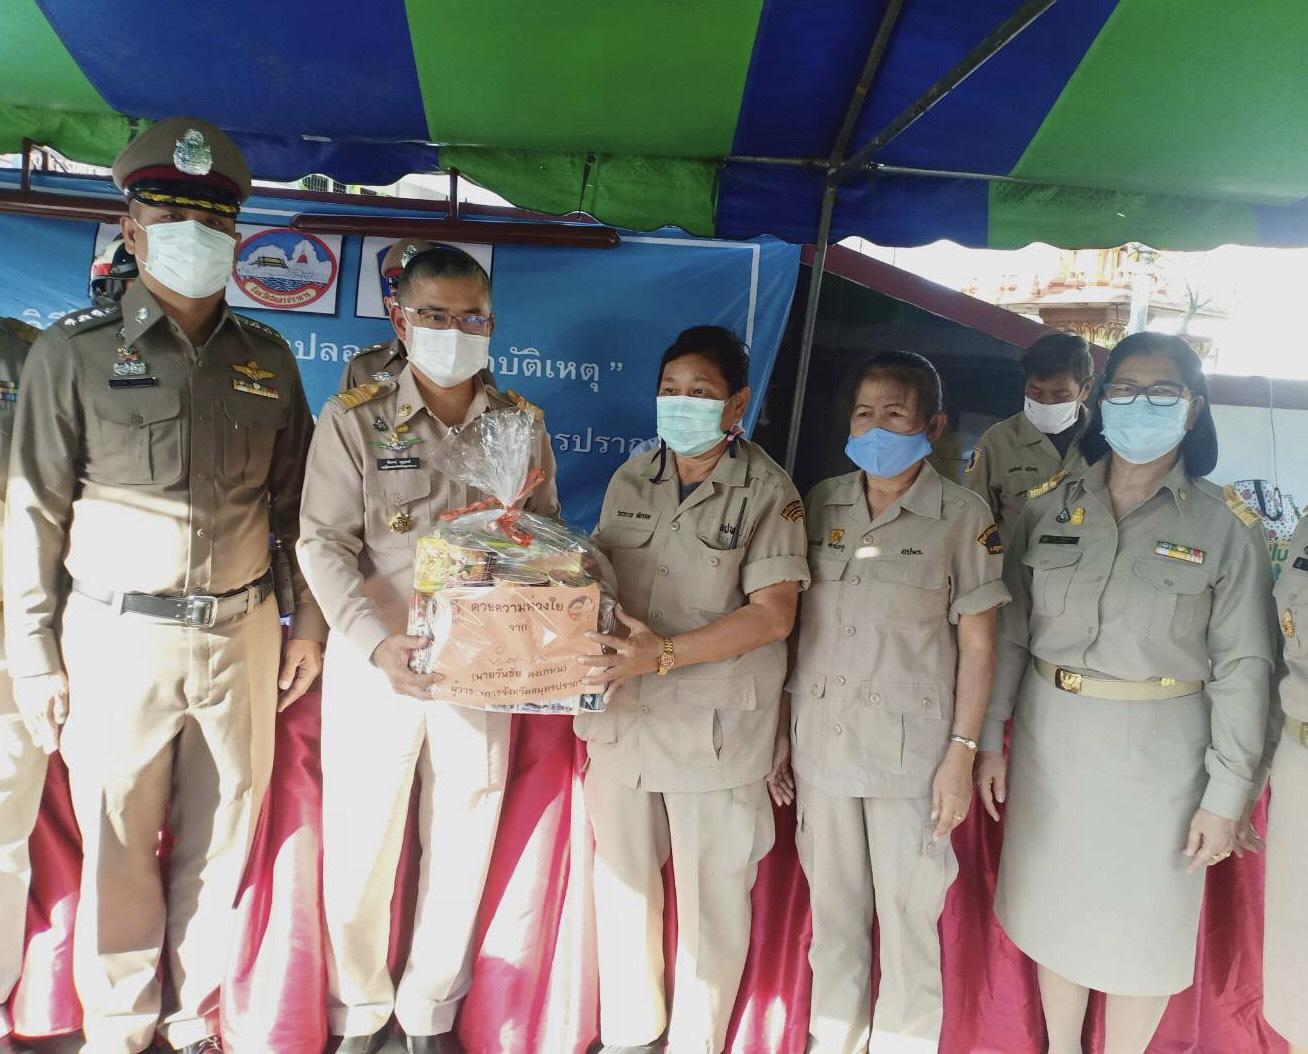 การตรวจเยี่ยมจุดตรวจ จุดบริการ การป้องกันและลดอุบัติเหตุทางถนน ช่วงเทศกาลปีใหม่ พ.ศ. 2564